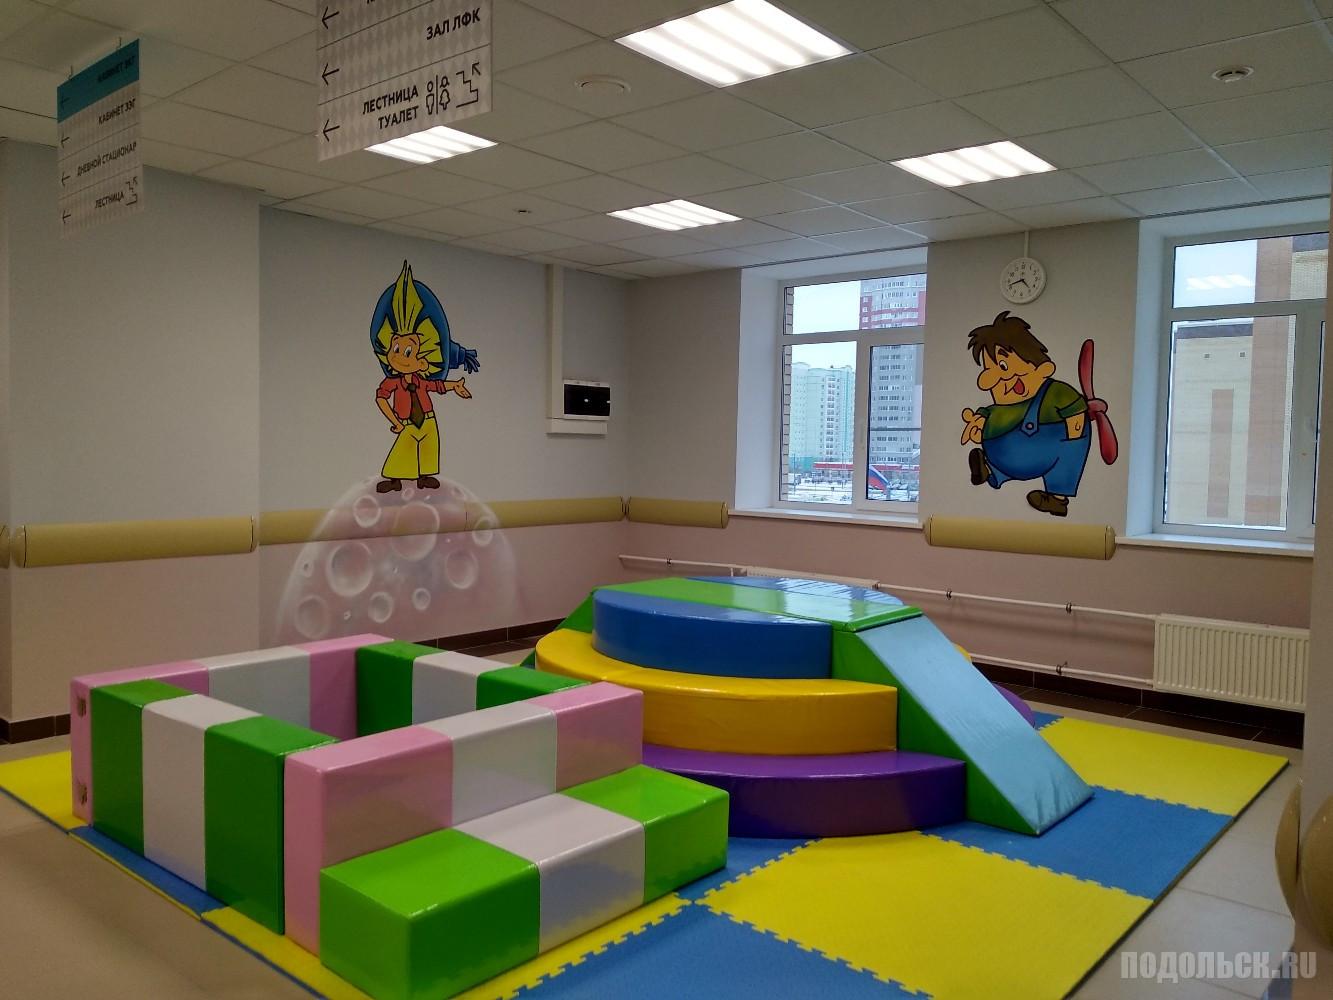 Детские игровые модули в поликлинике. Микрорайон Кузнечики